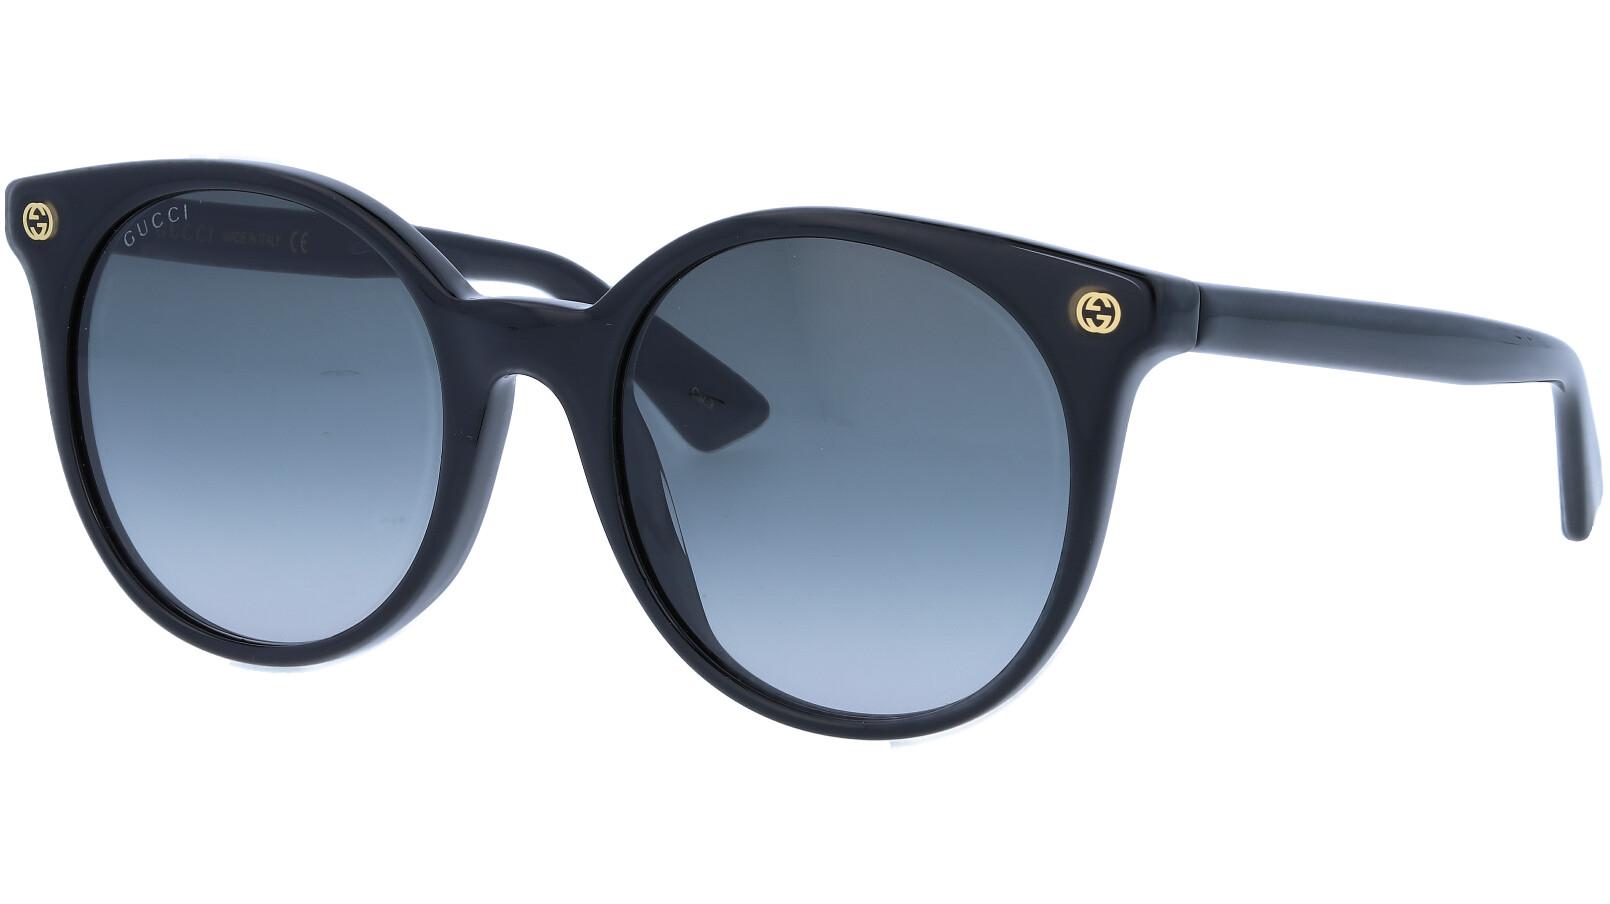 GUCCI GG0091S 001 52 BLACK Sunglasses